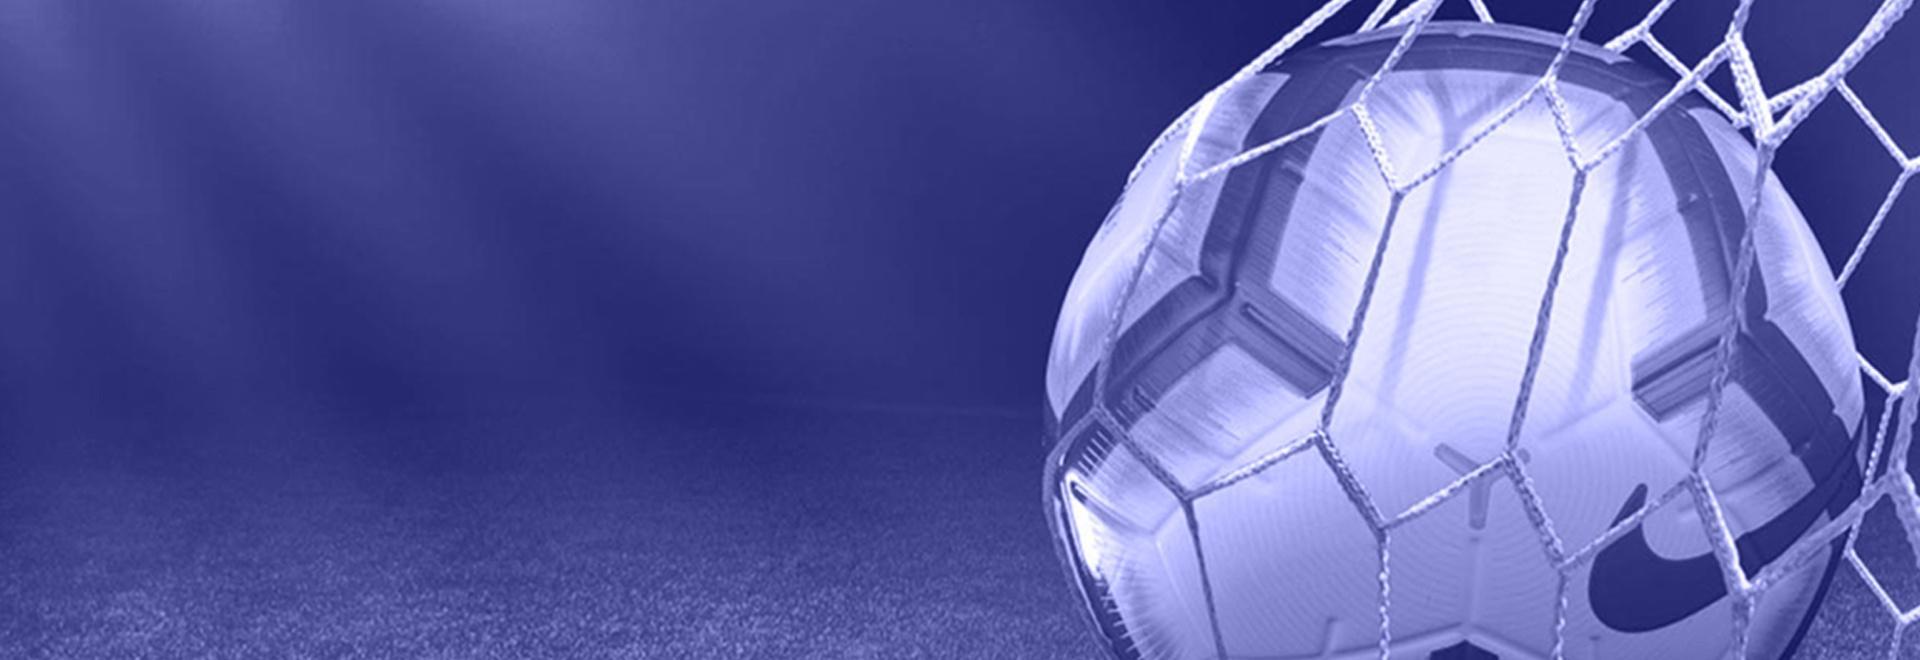 Cagliari - Fiorentina 10/11/19. 12a g.